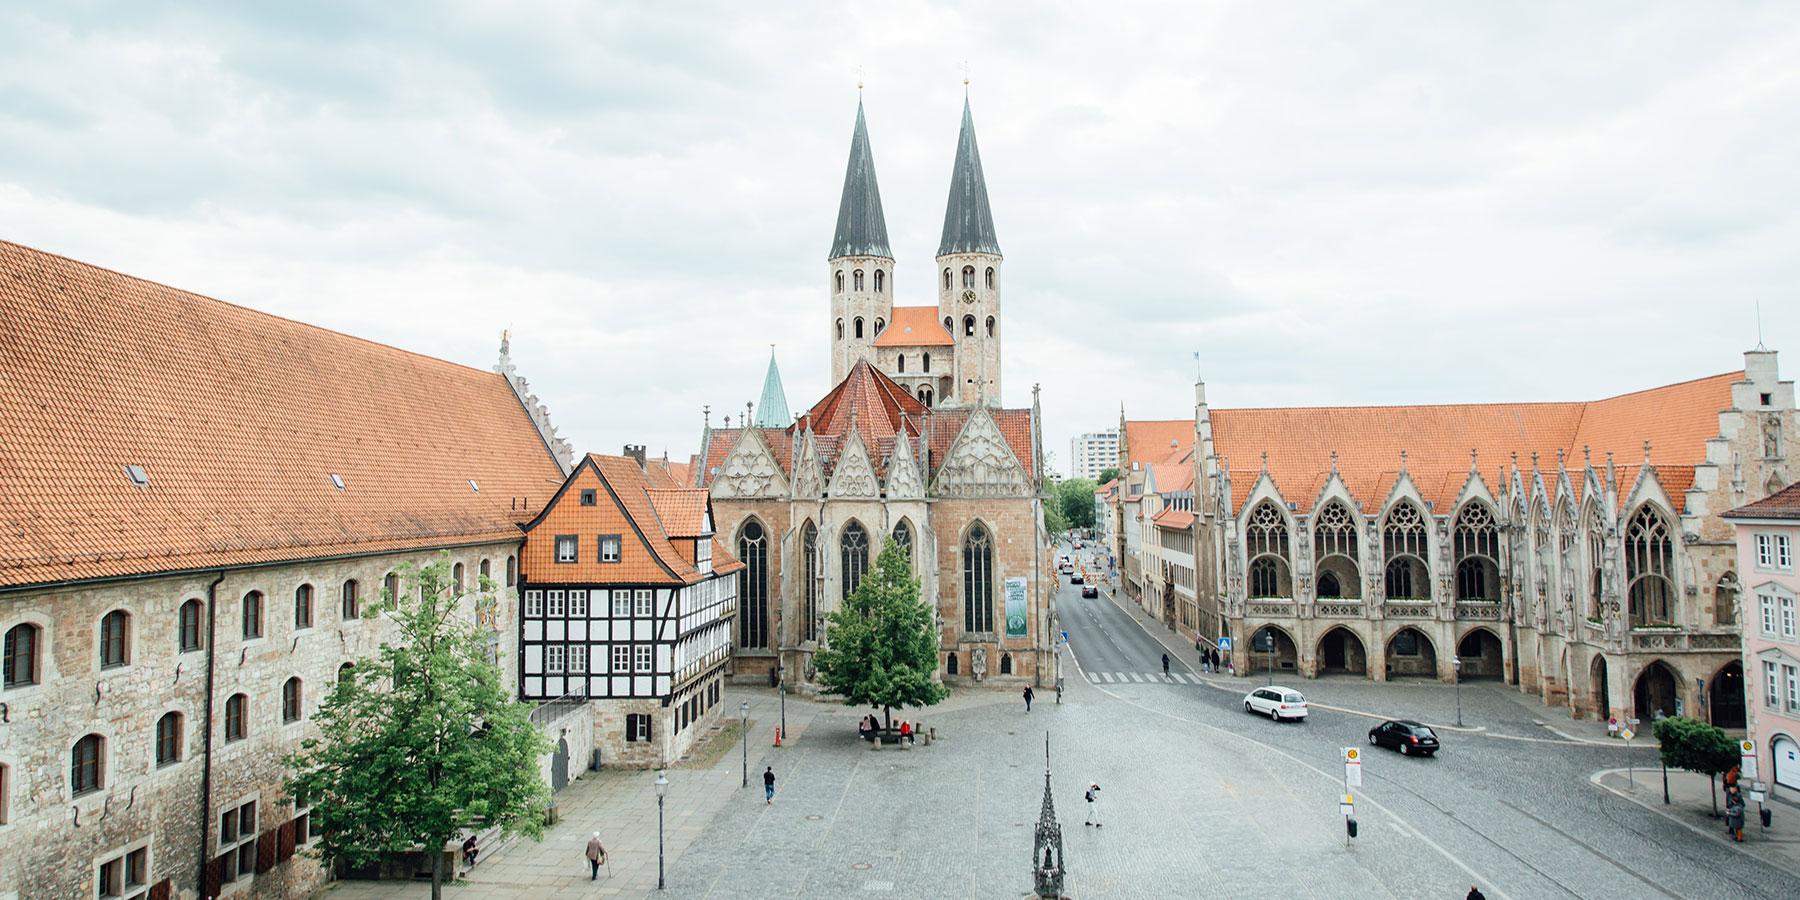 Hautärzte Braunschweig - der Altstadtmarkt